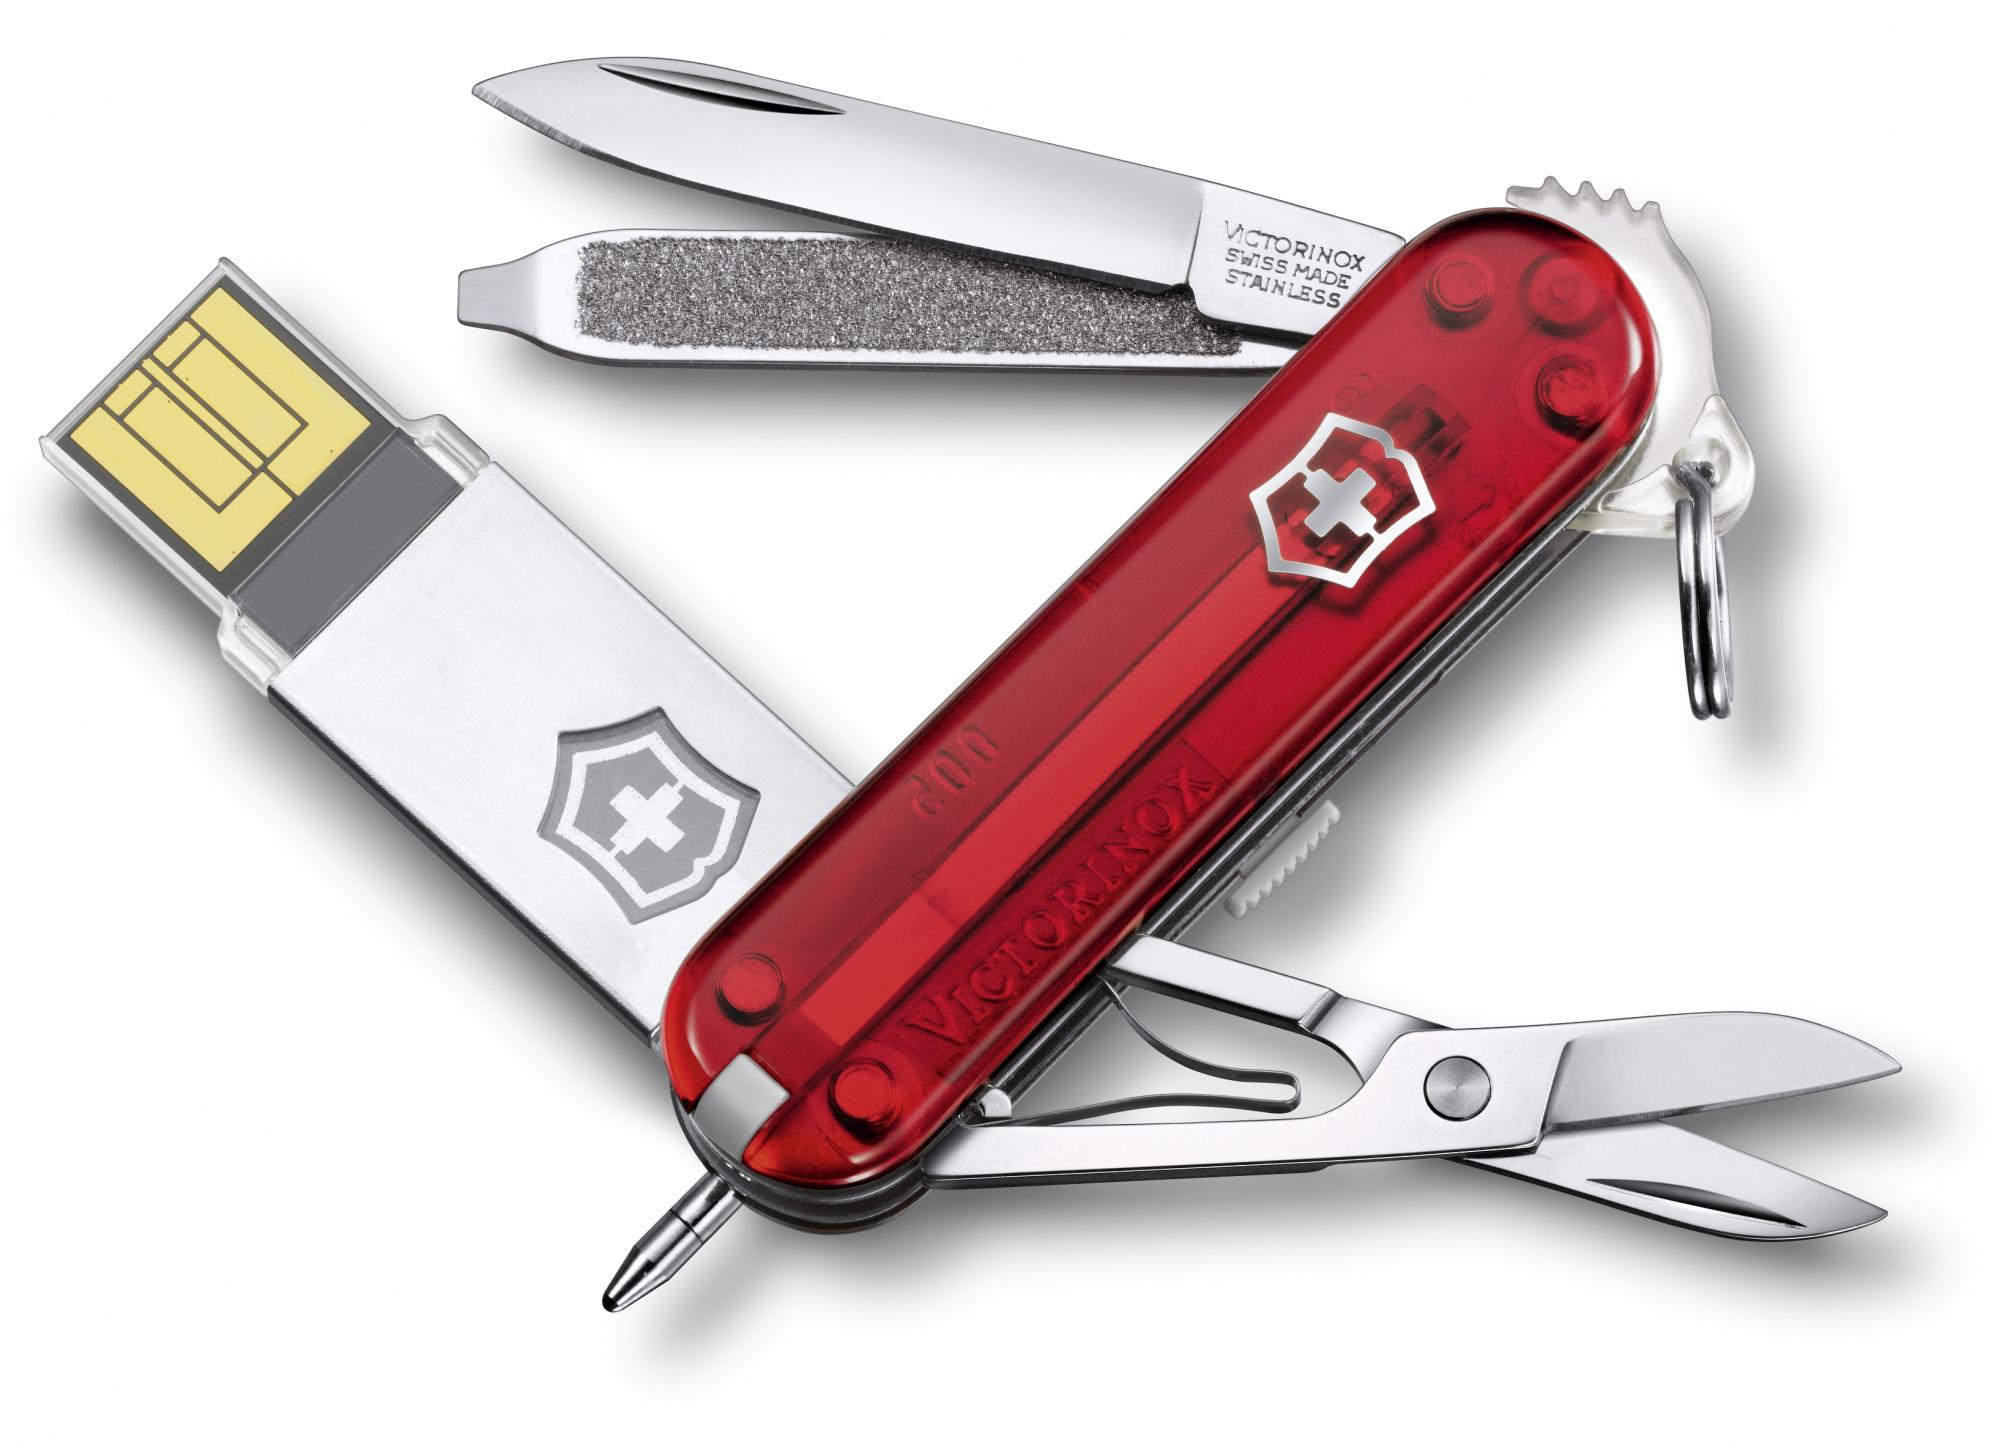 Victorinox@workМультитулы<br>Многофункциональный нож-брелок<br>